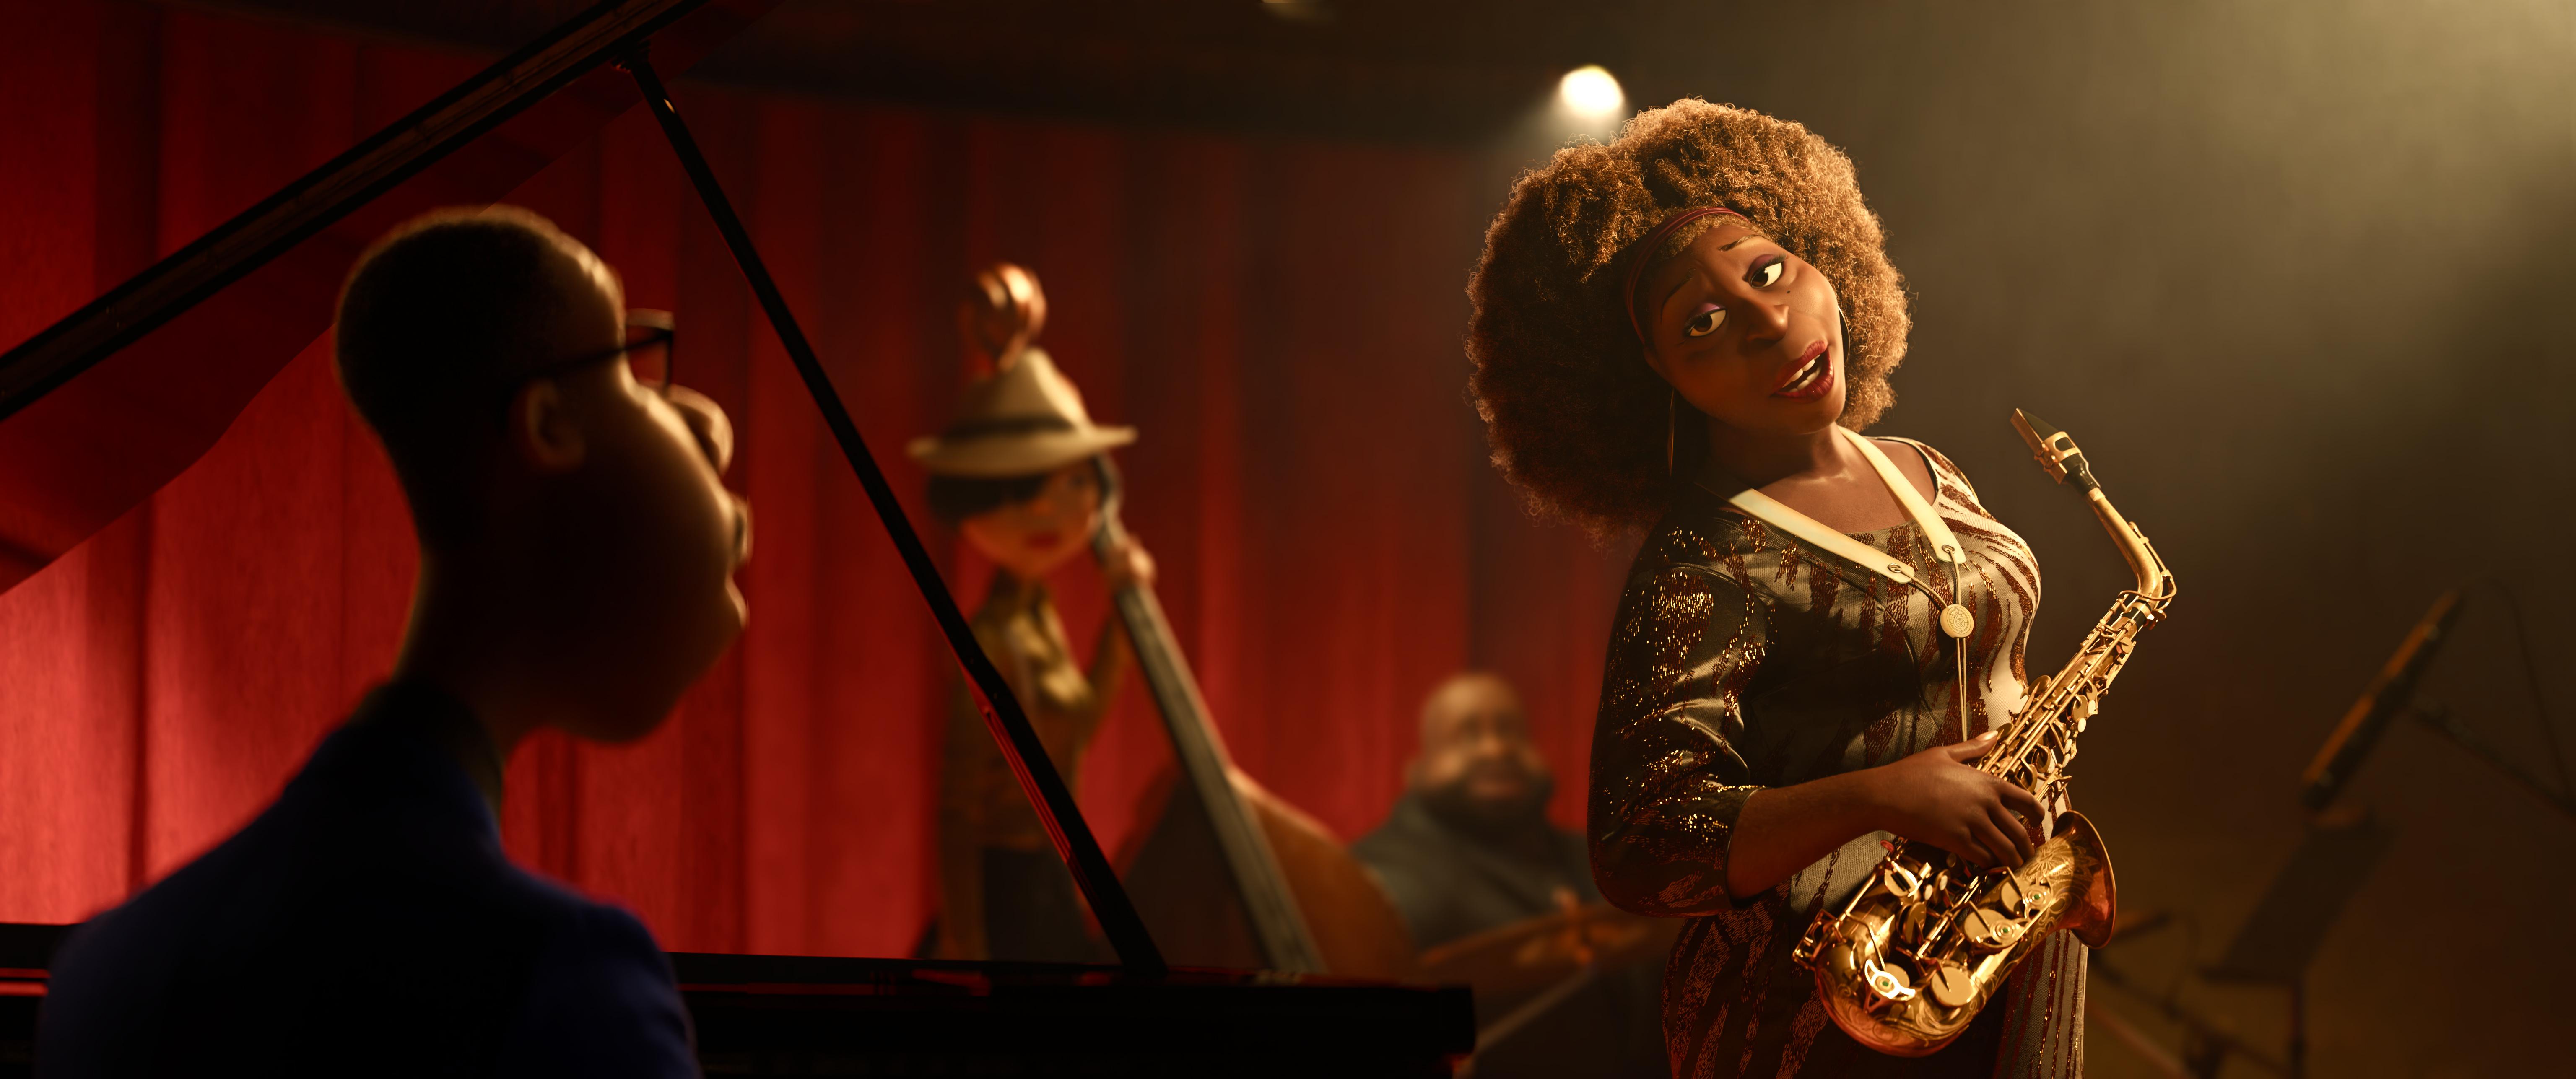 Al profesor Joe Gardner le llega la oportunidad de su vida de tocar en el cuarteto de jazz de la gran Dorothea Williams. / Foto: Disney - Pixar.